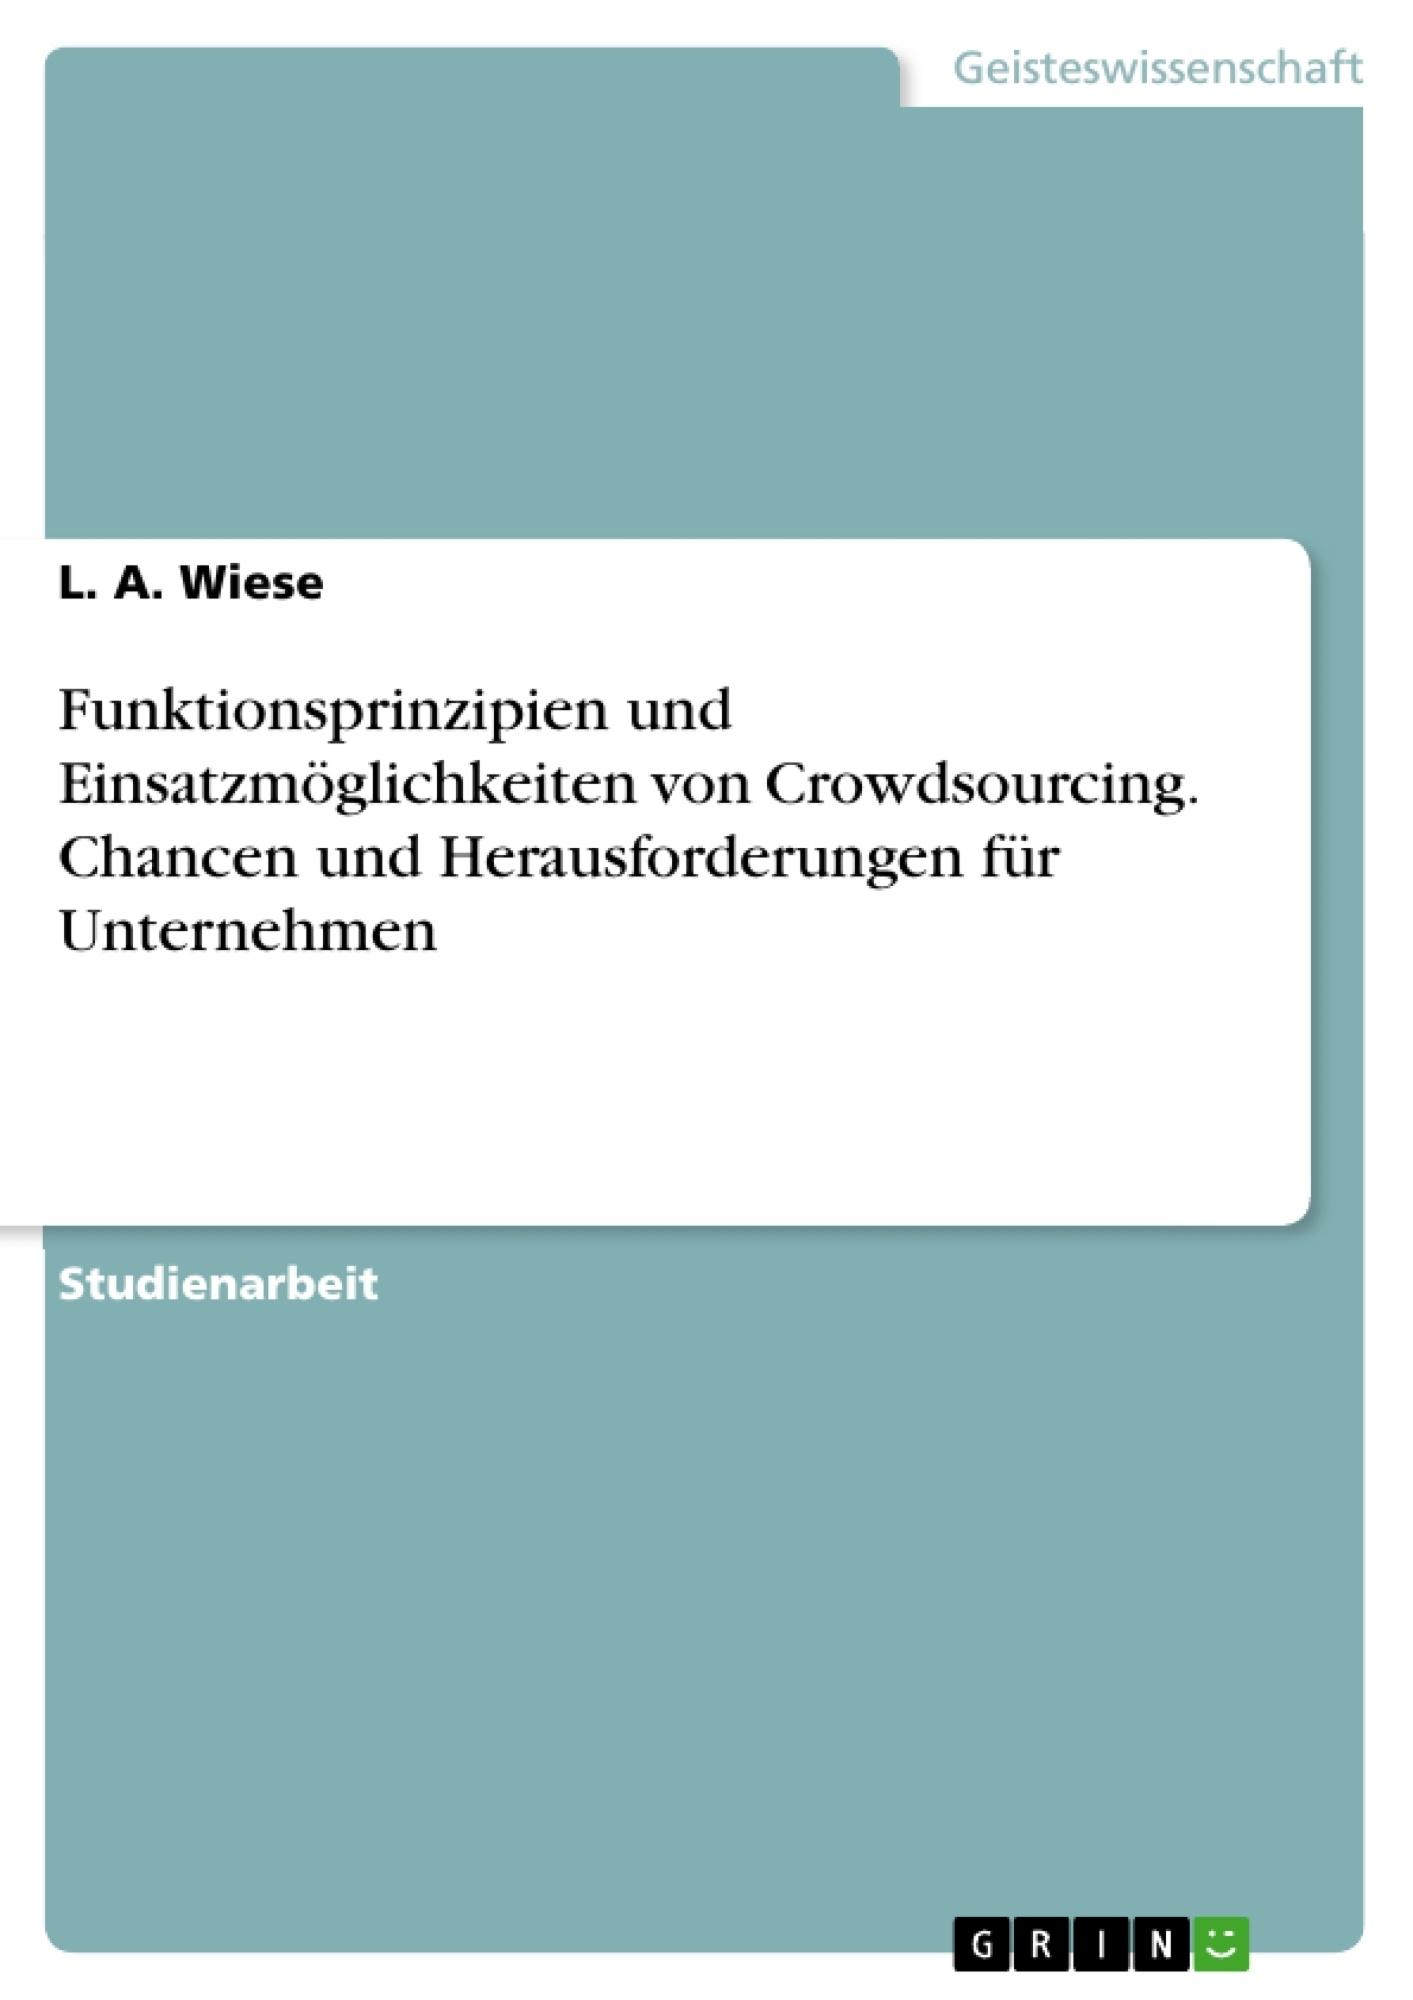 Titel: Funktionsprinzipien und Einsatzmöglichkeiten von Crowdsourcing. Chancen und Herausforderungen für Unternehmen